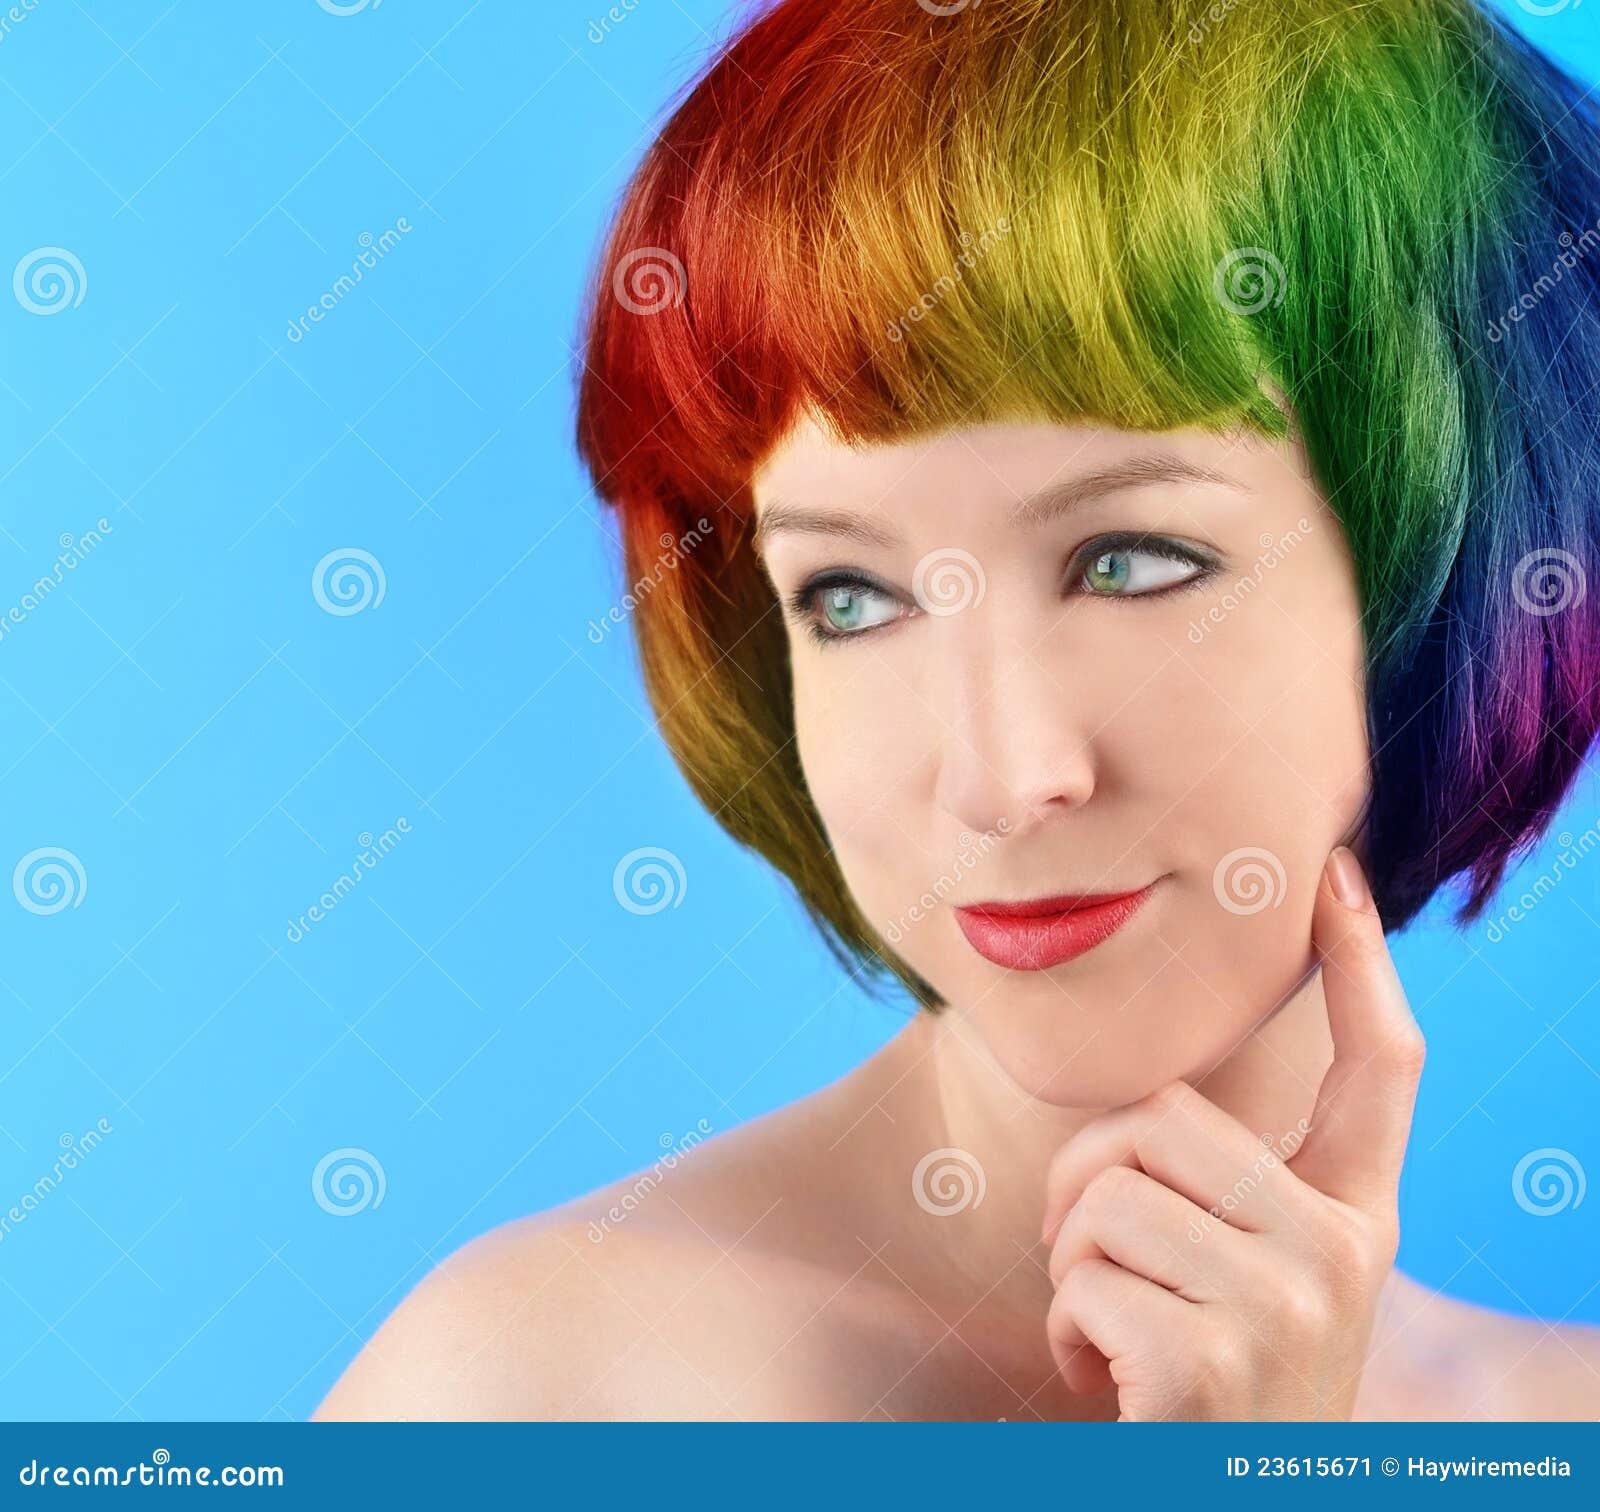 头发愉快的彩虹认为的妇女图片